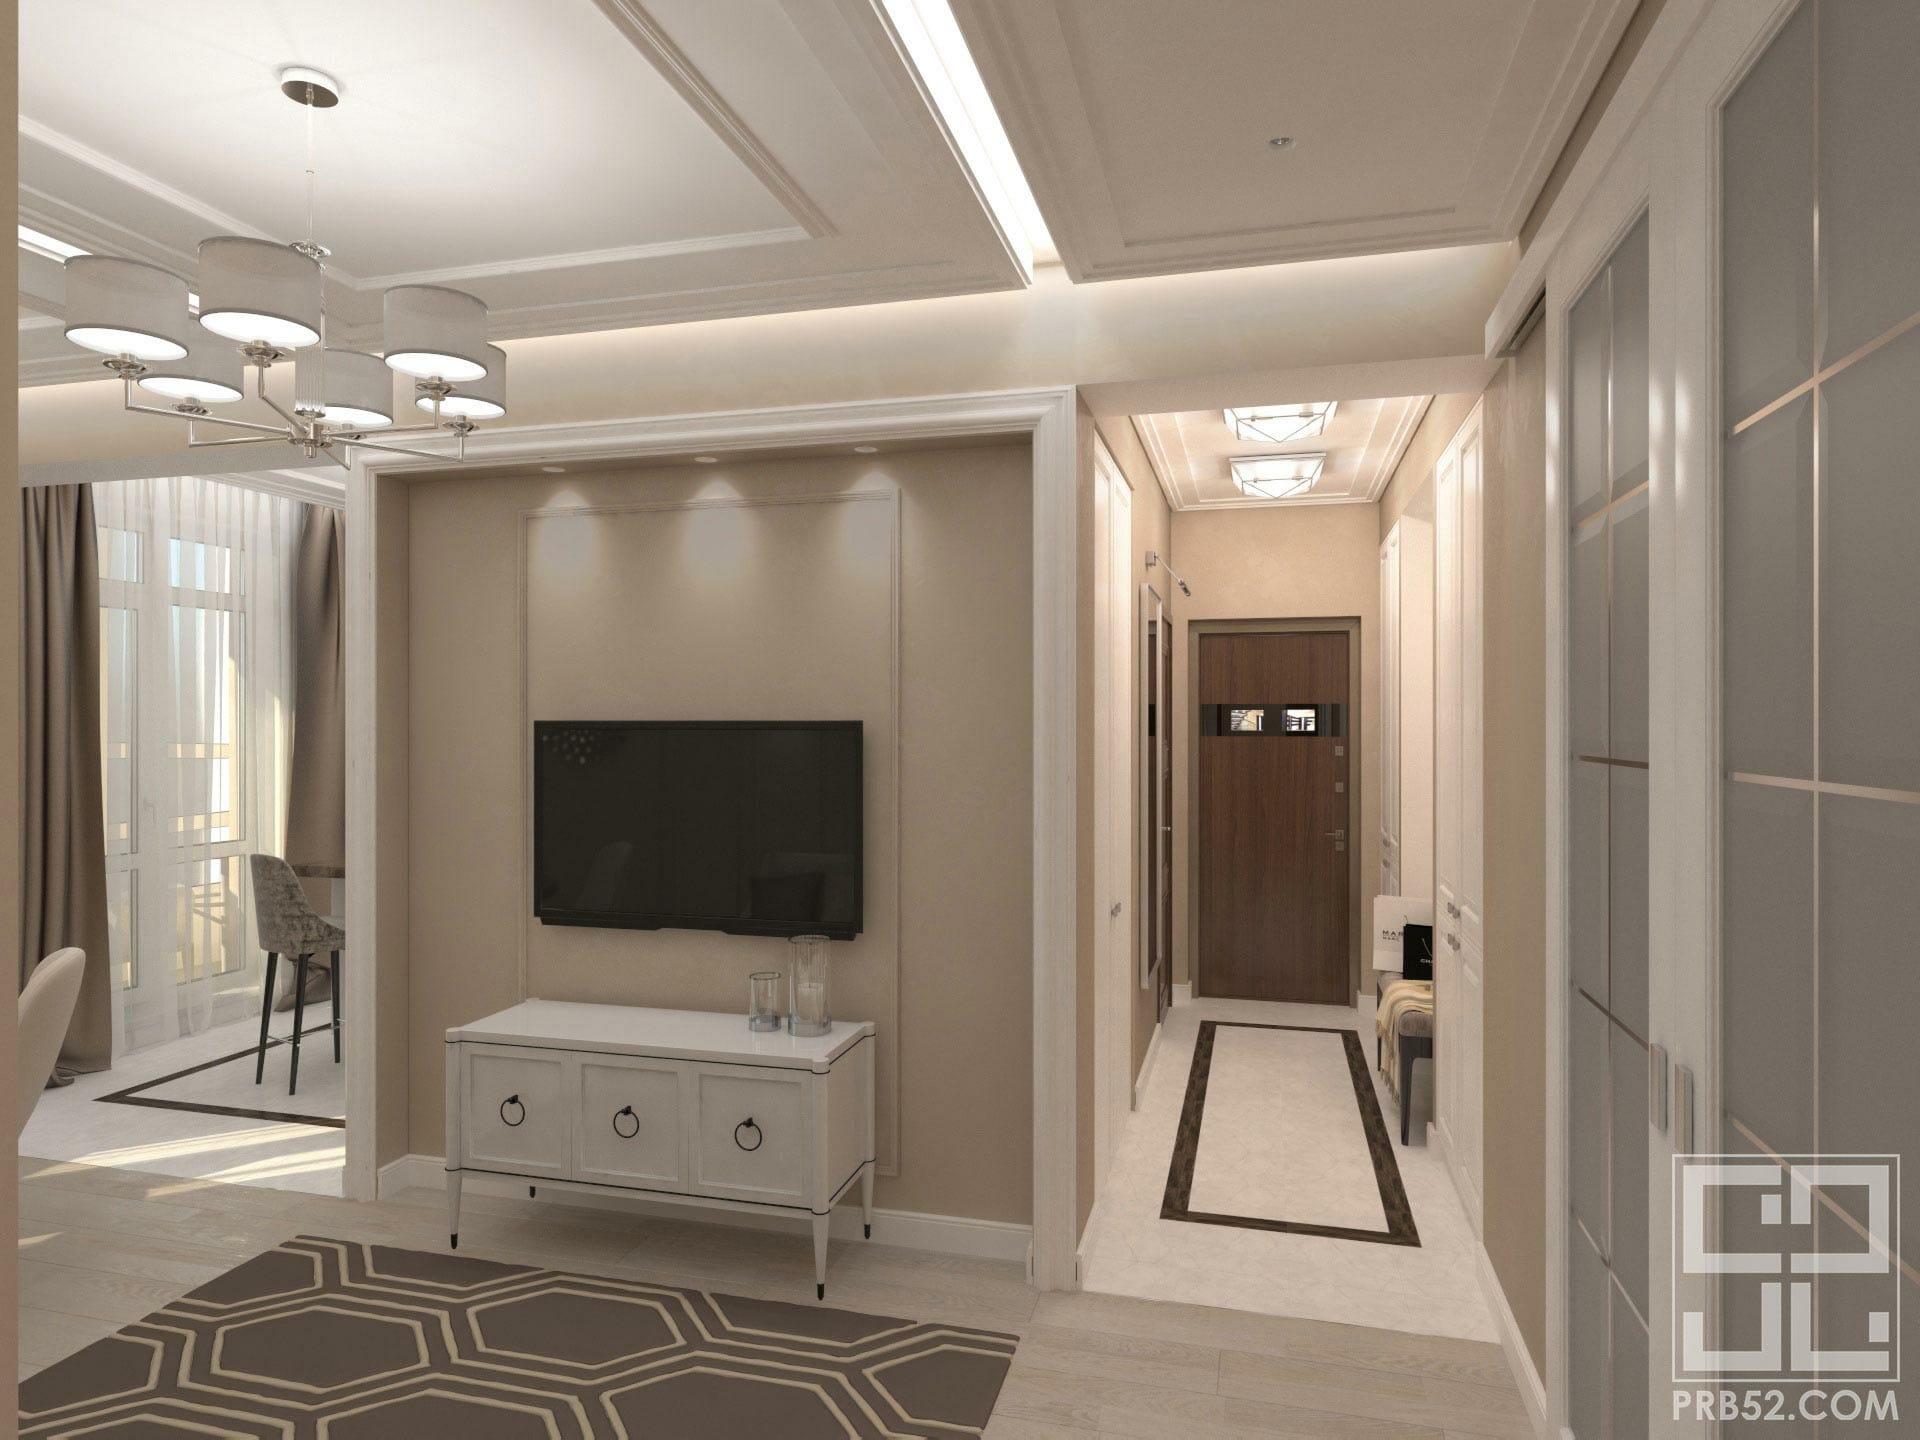 дизайн интерьер гостиной современная классика